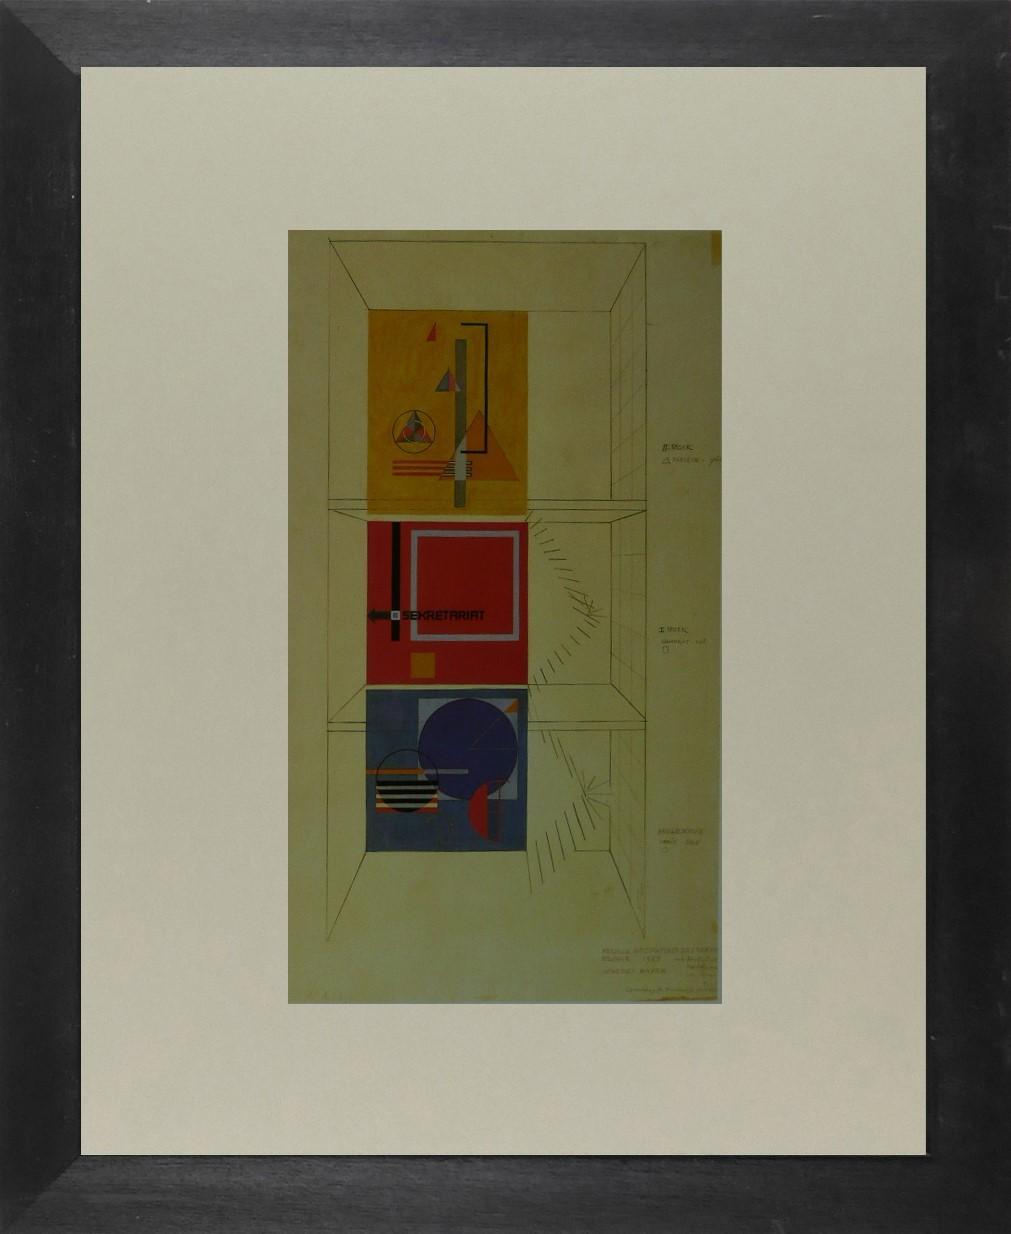 Herbert Bayer - Sekretariat - (Bauhaus) - Framed Picture 11 x 14